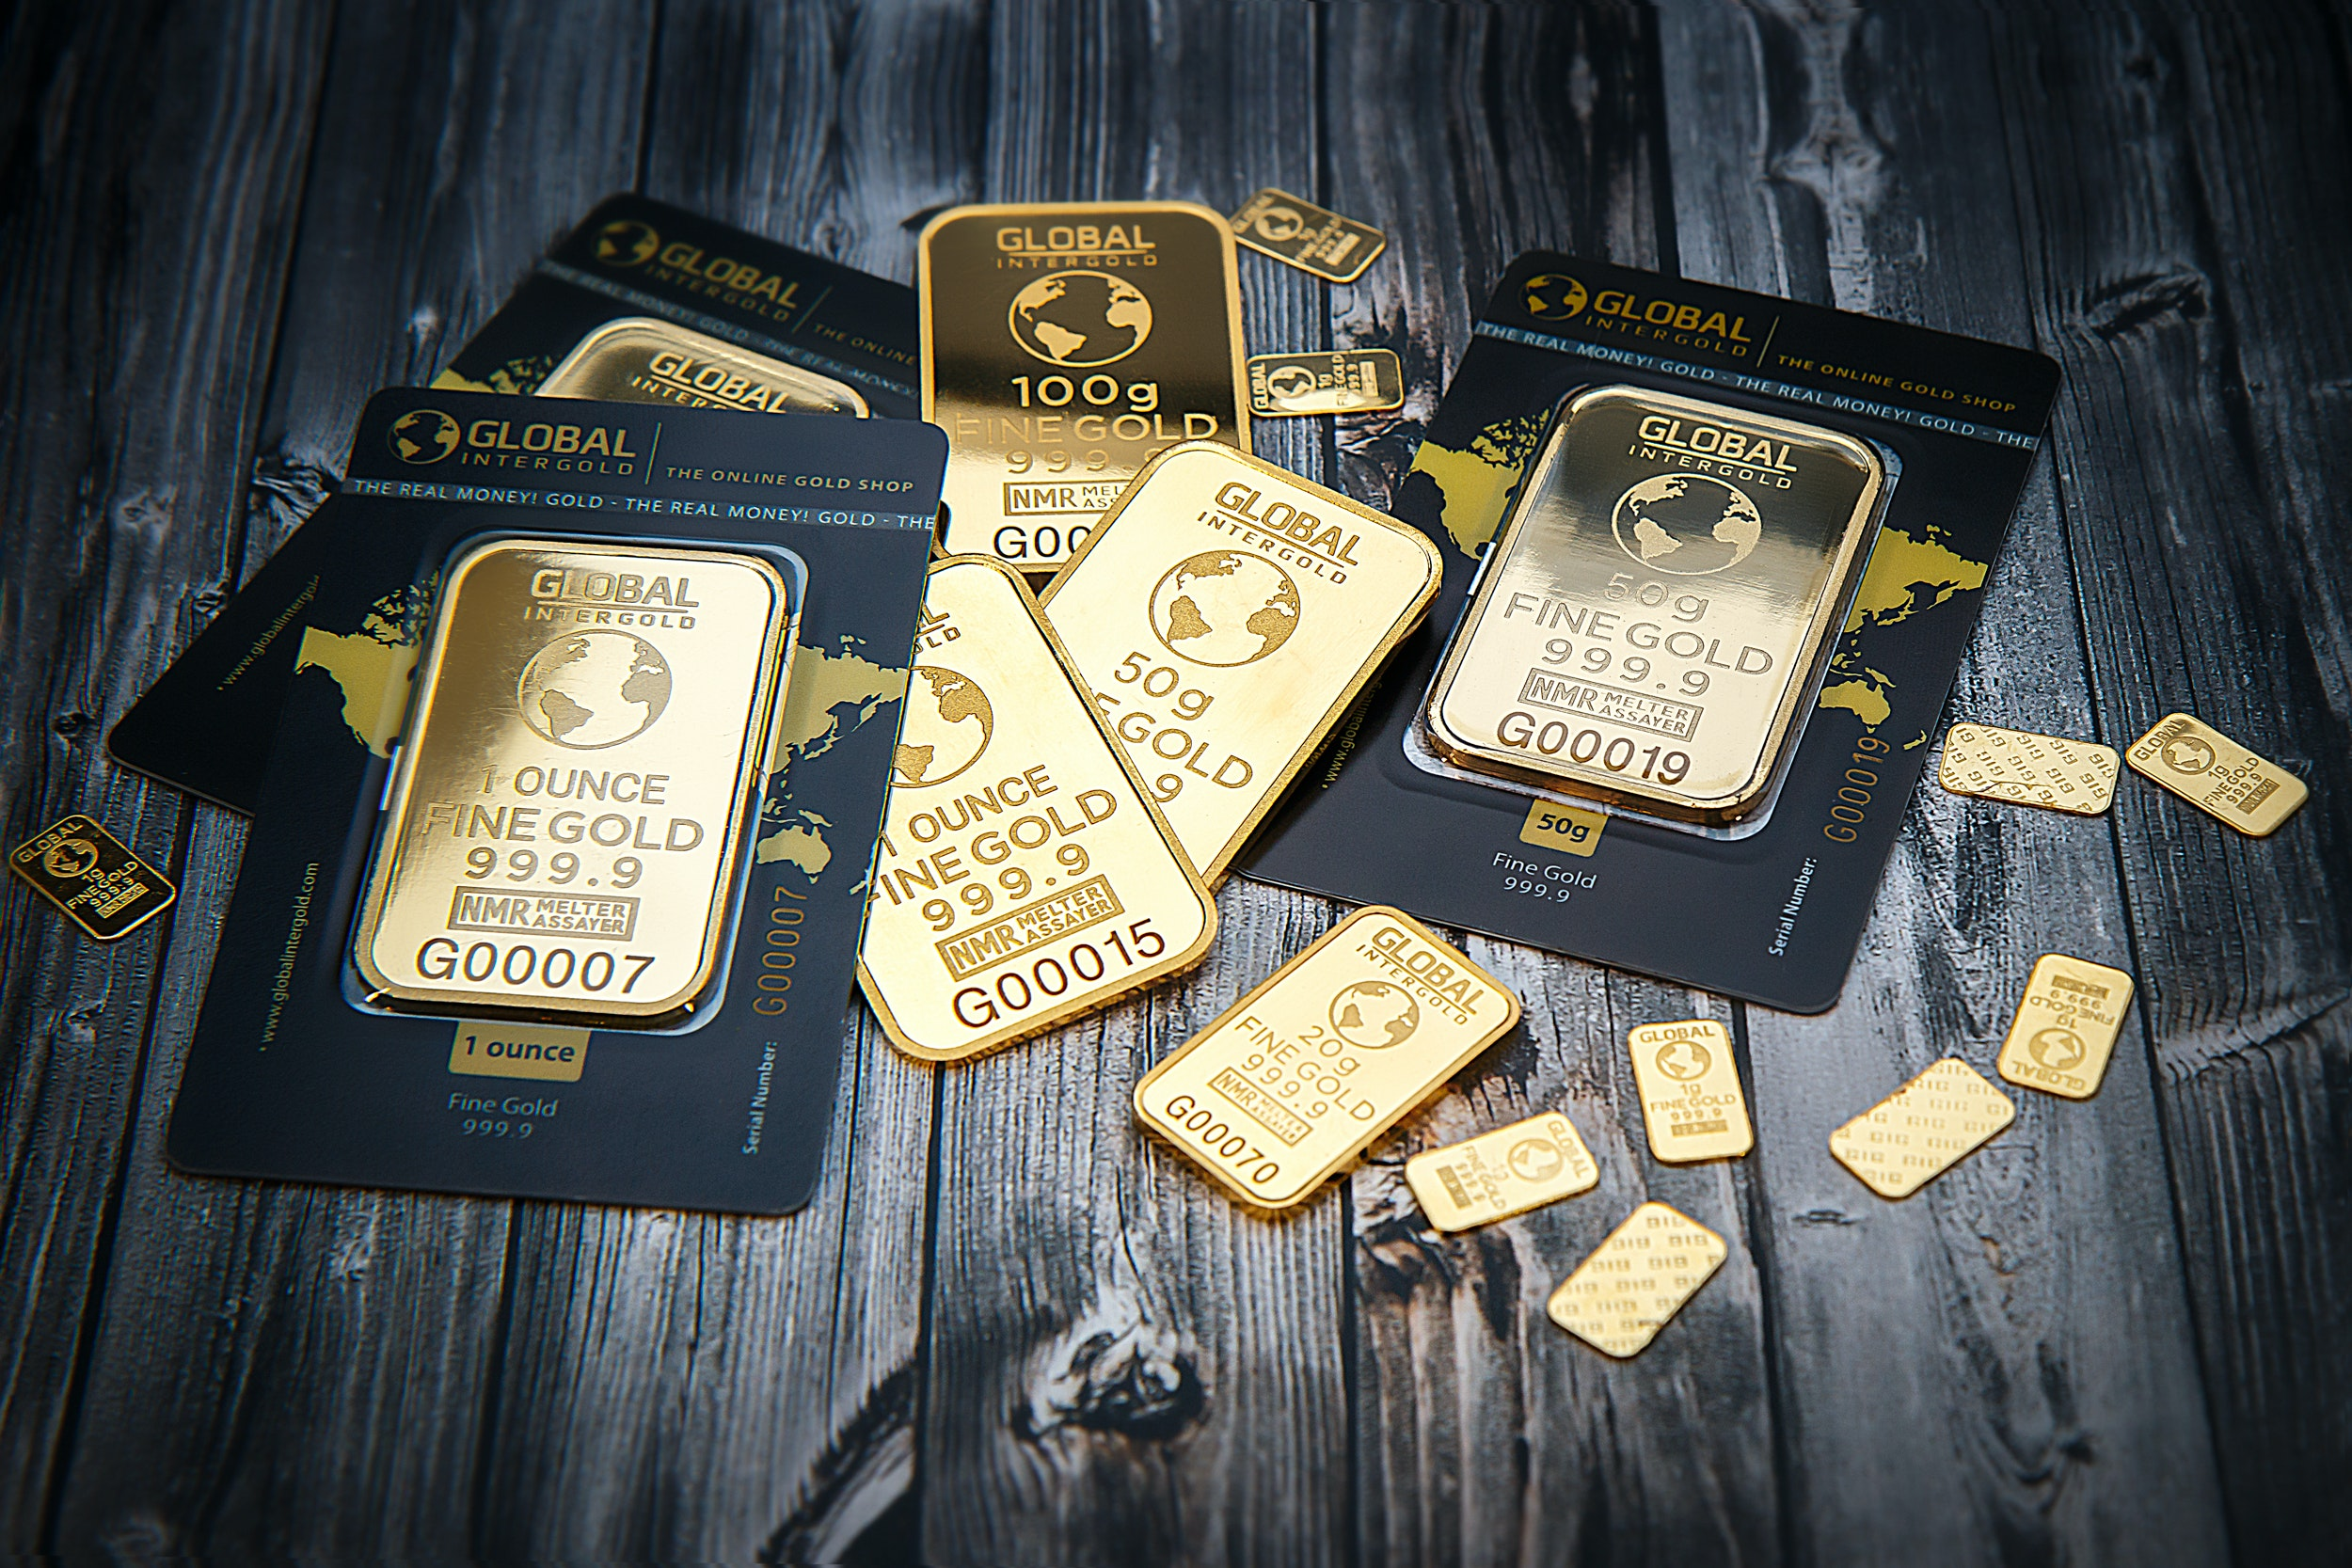 黃金回收ptt|黃金回收推薦找誰?黃金回收價格大約是多少?